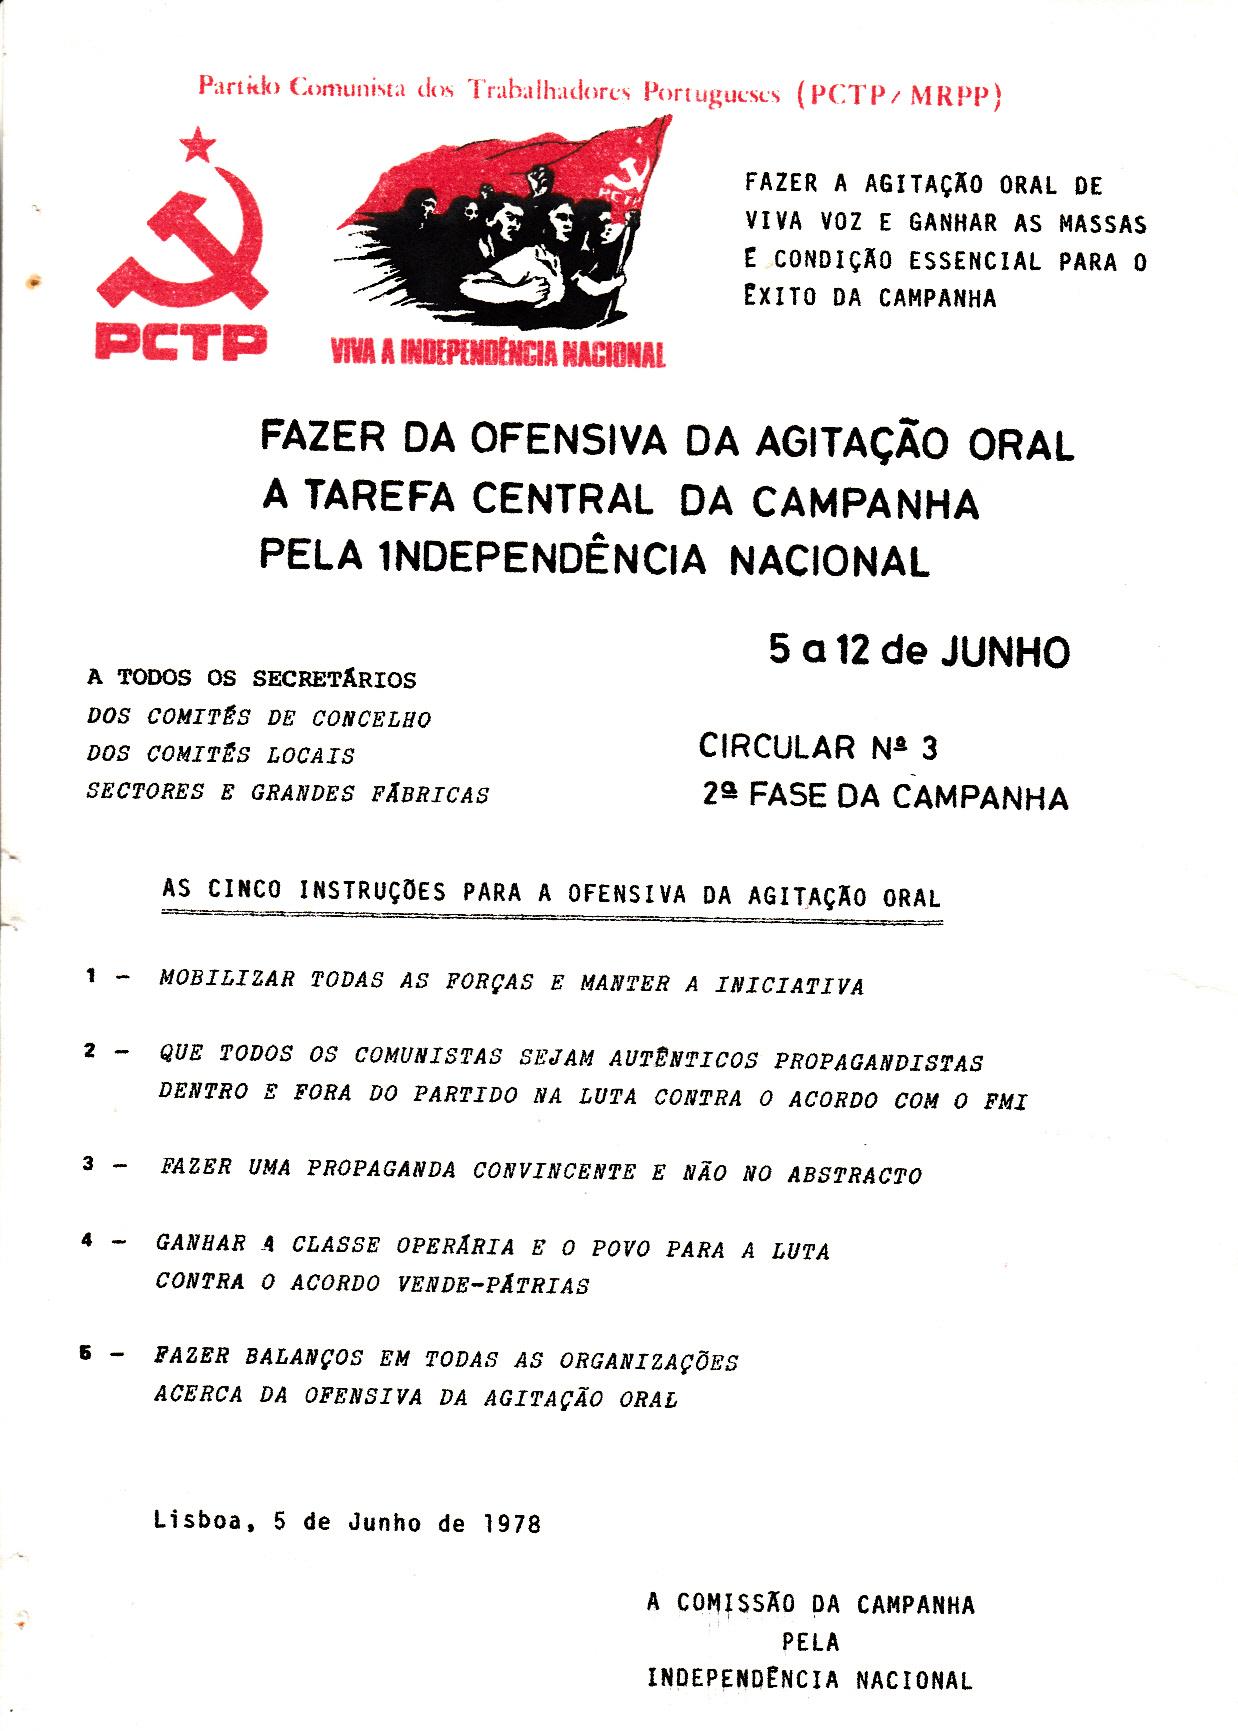 MRPP_1978_06_05